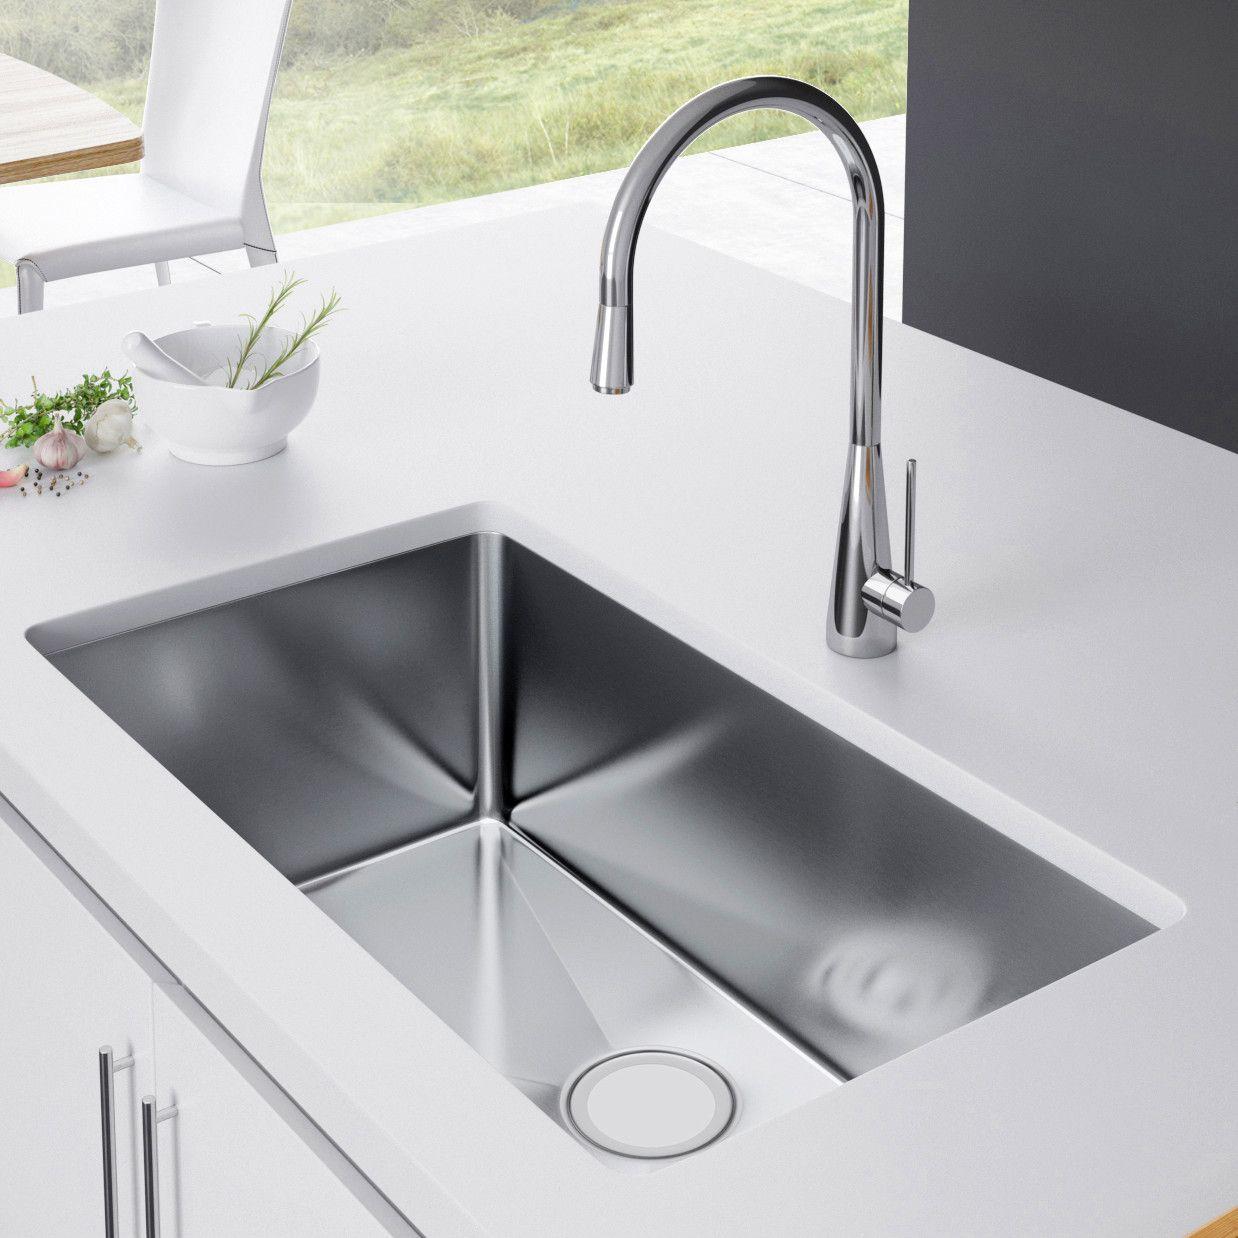 Großartig Küchenspülen Kaufen Uk Ideen - Ideen Für Die Küche ...